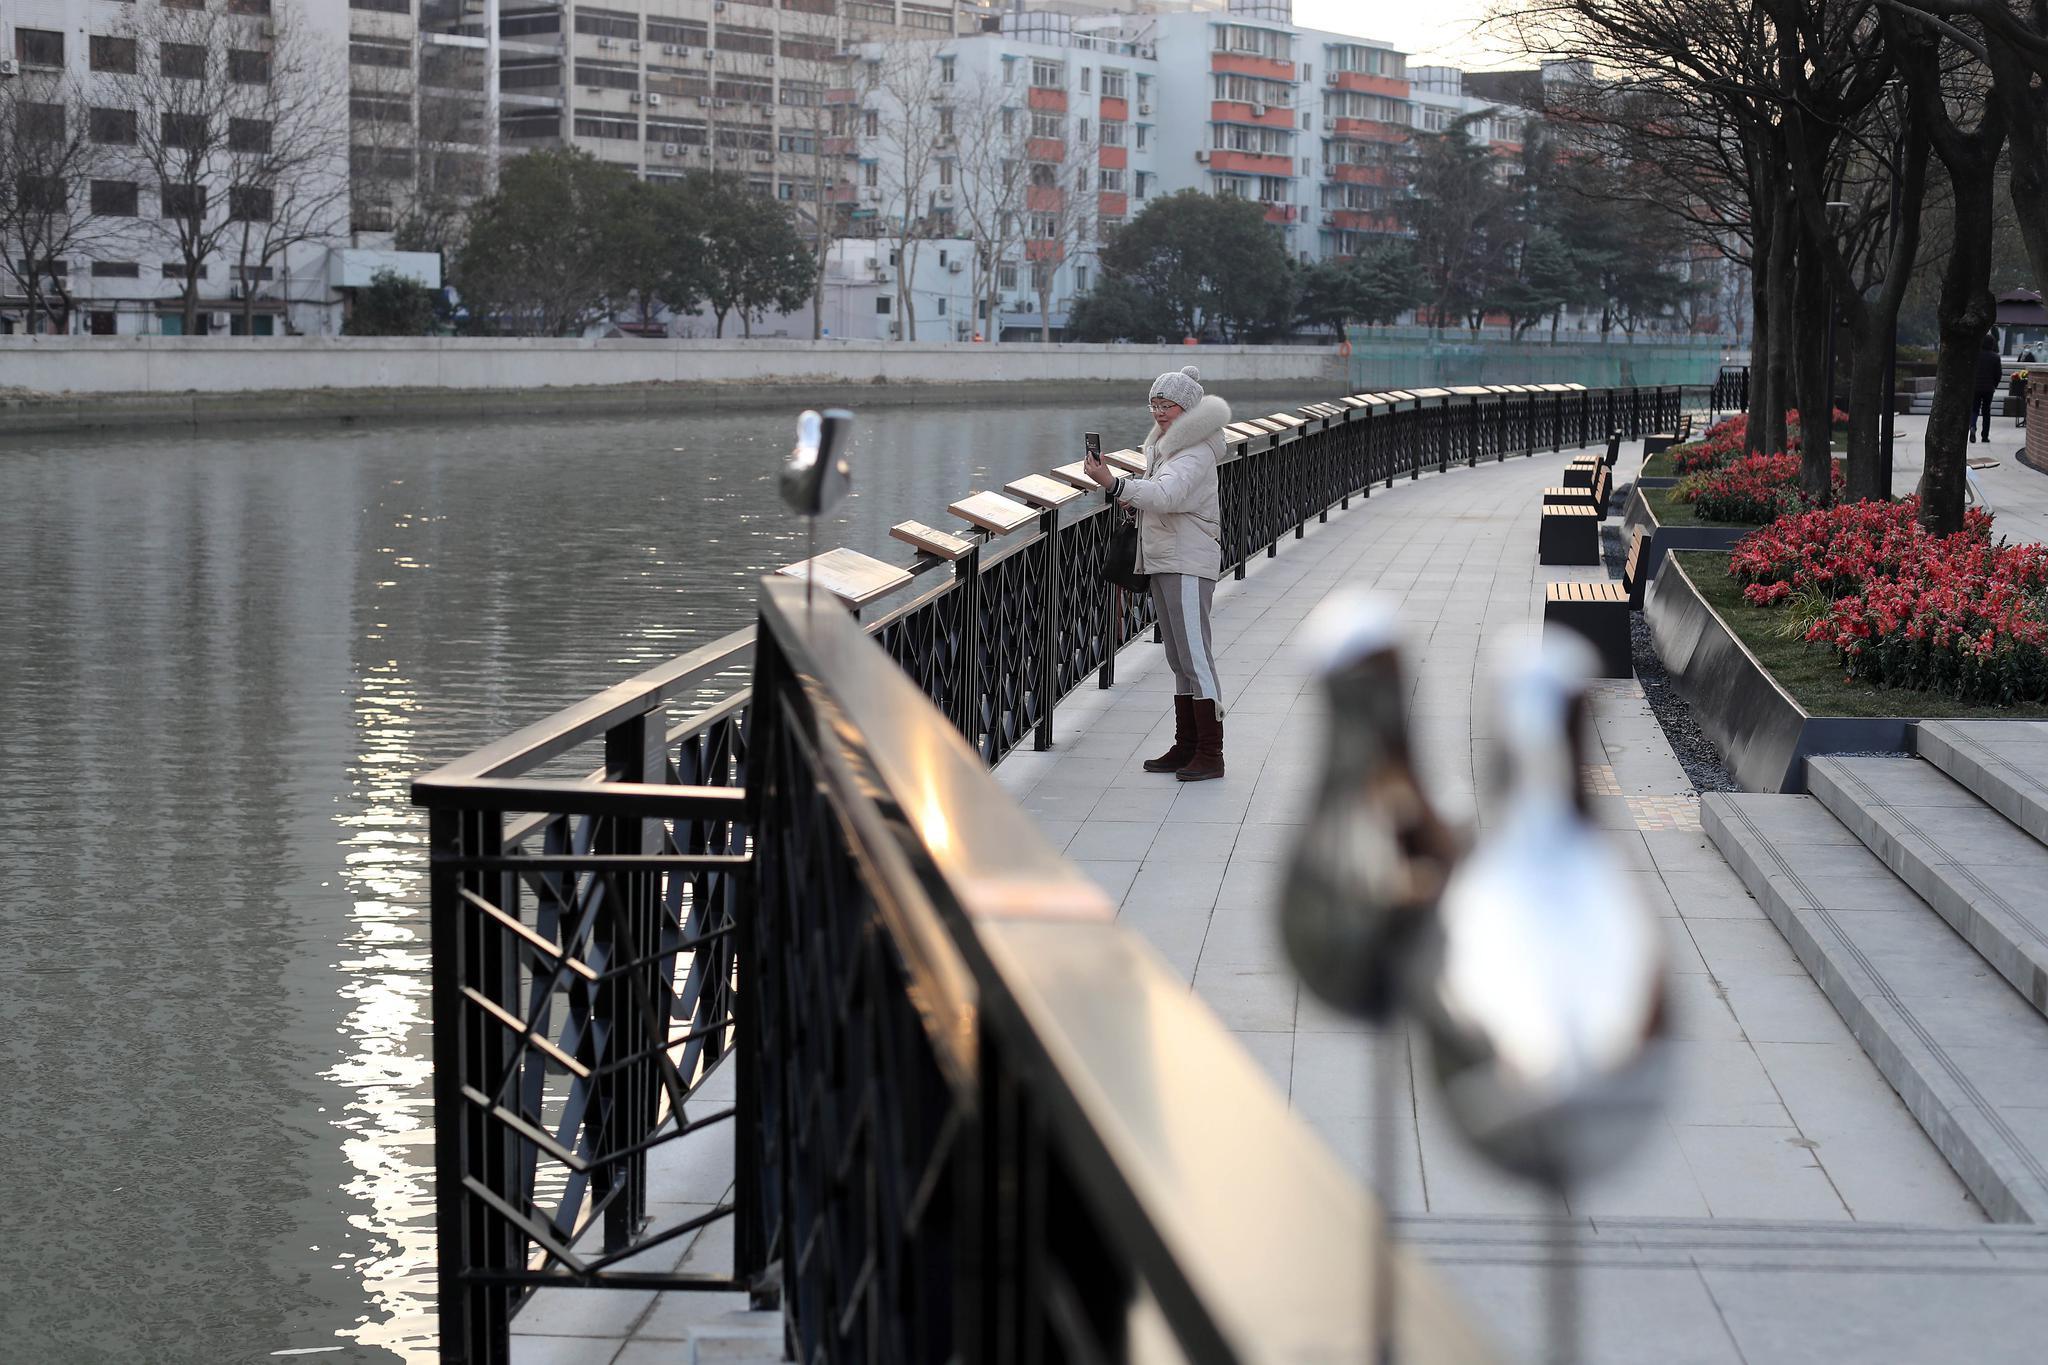 天气晴好,今天的上海苏州河畔引人打卡,又一波新景观亮相了